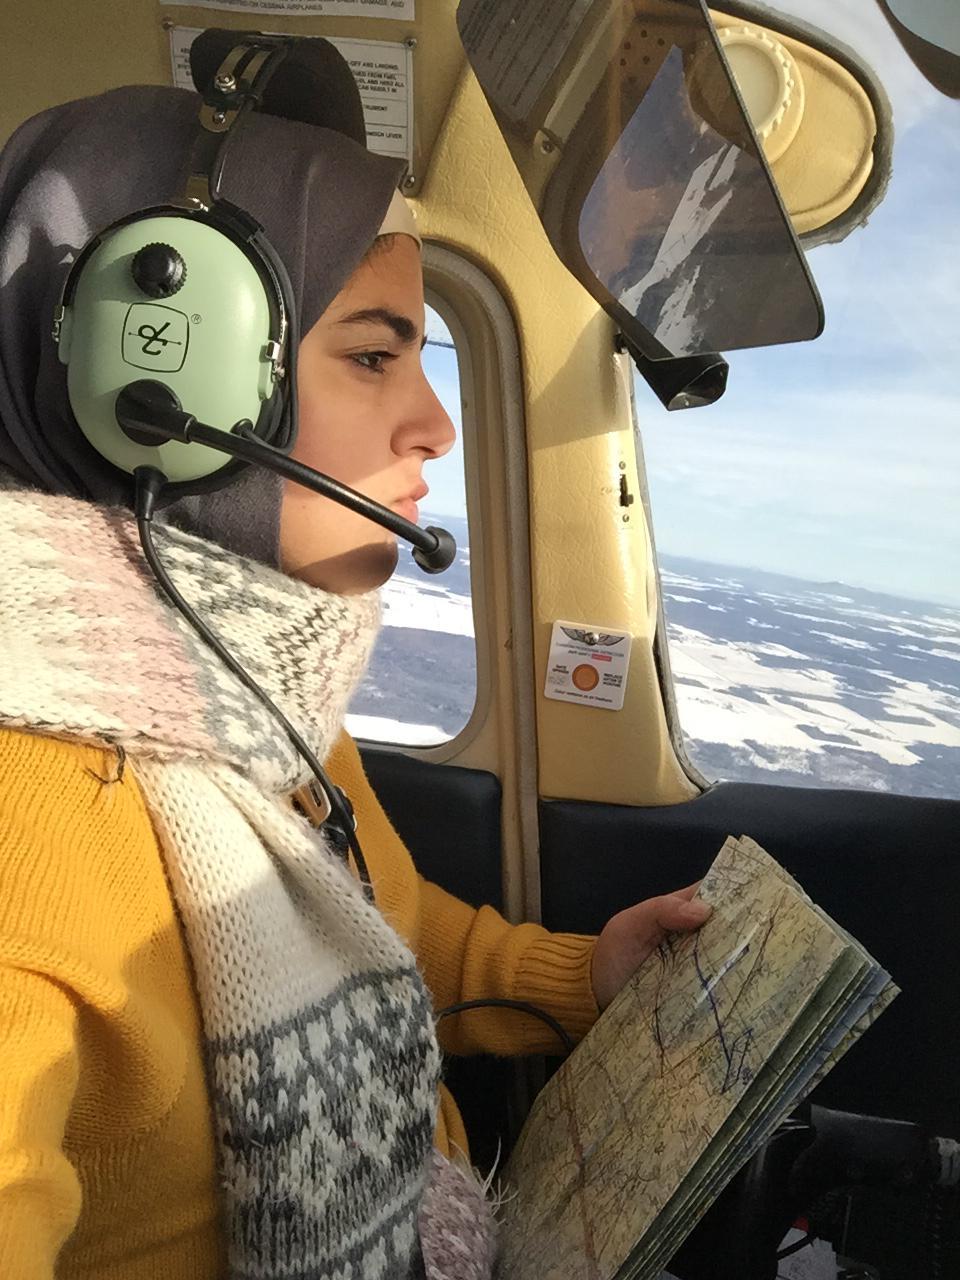 نور الأتيم تقود طائرة في كندا (عنب بلدي)